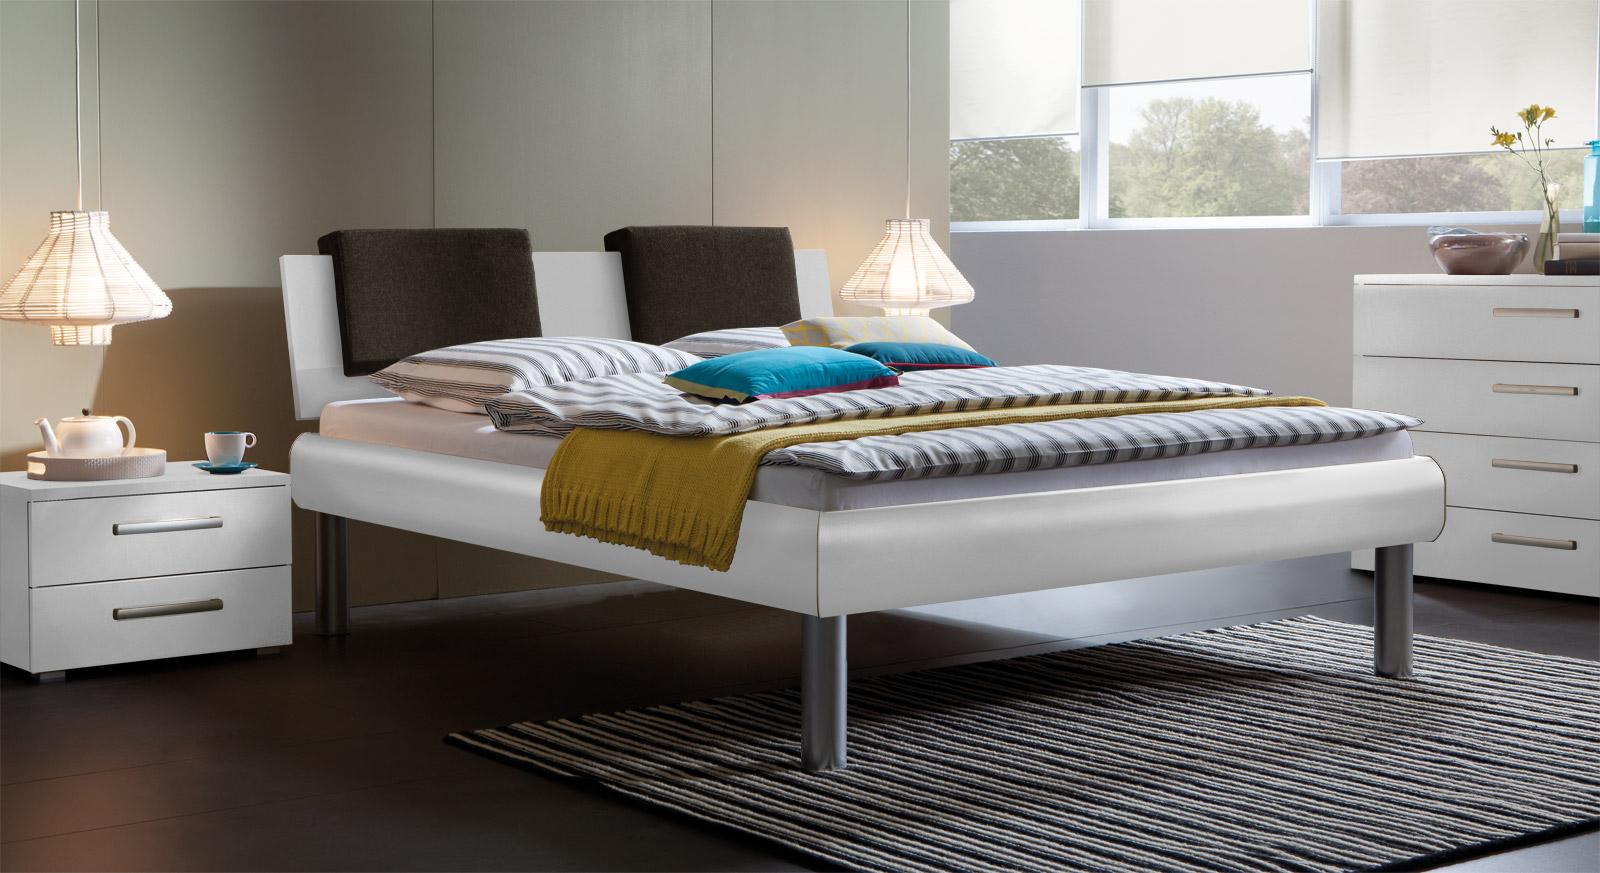 Bett Enna in der Fußhöhe 30cm und in  Weiß